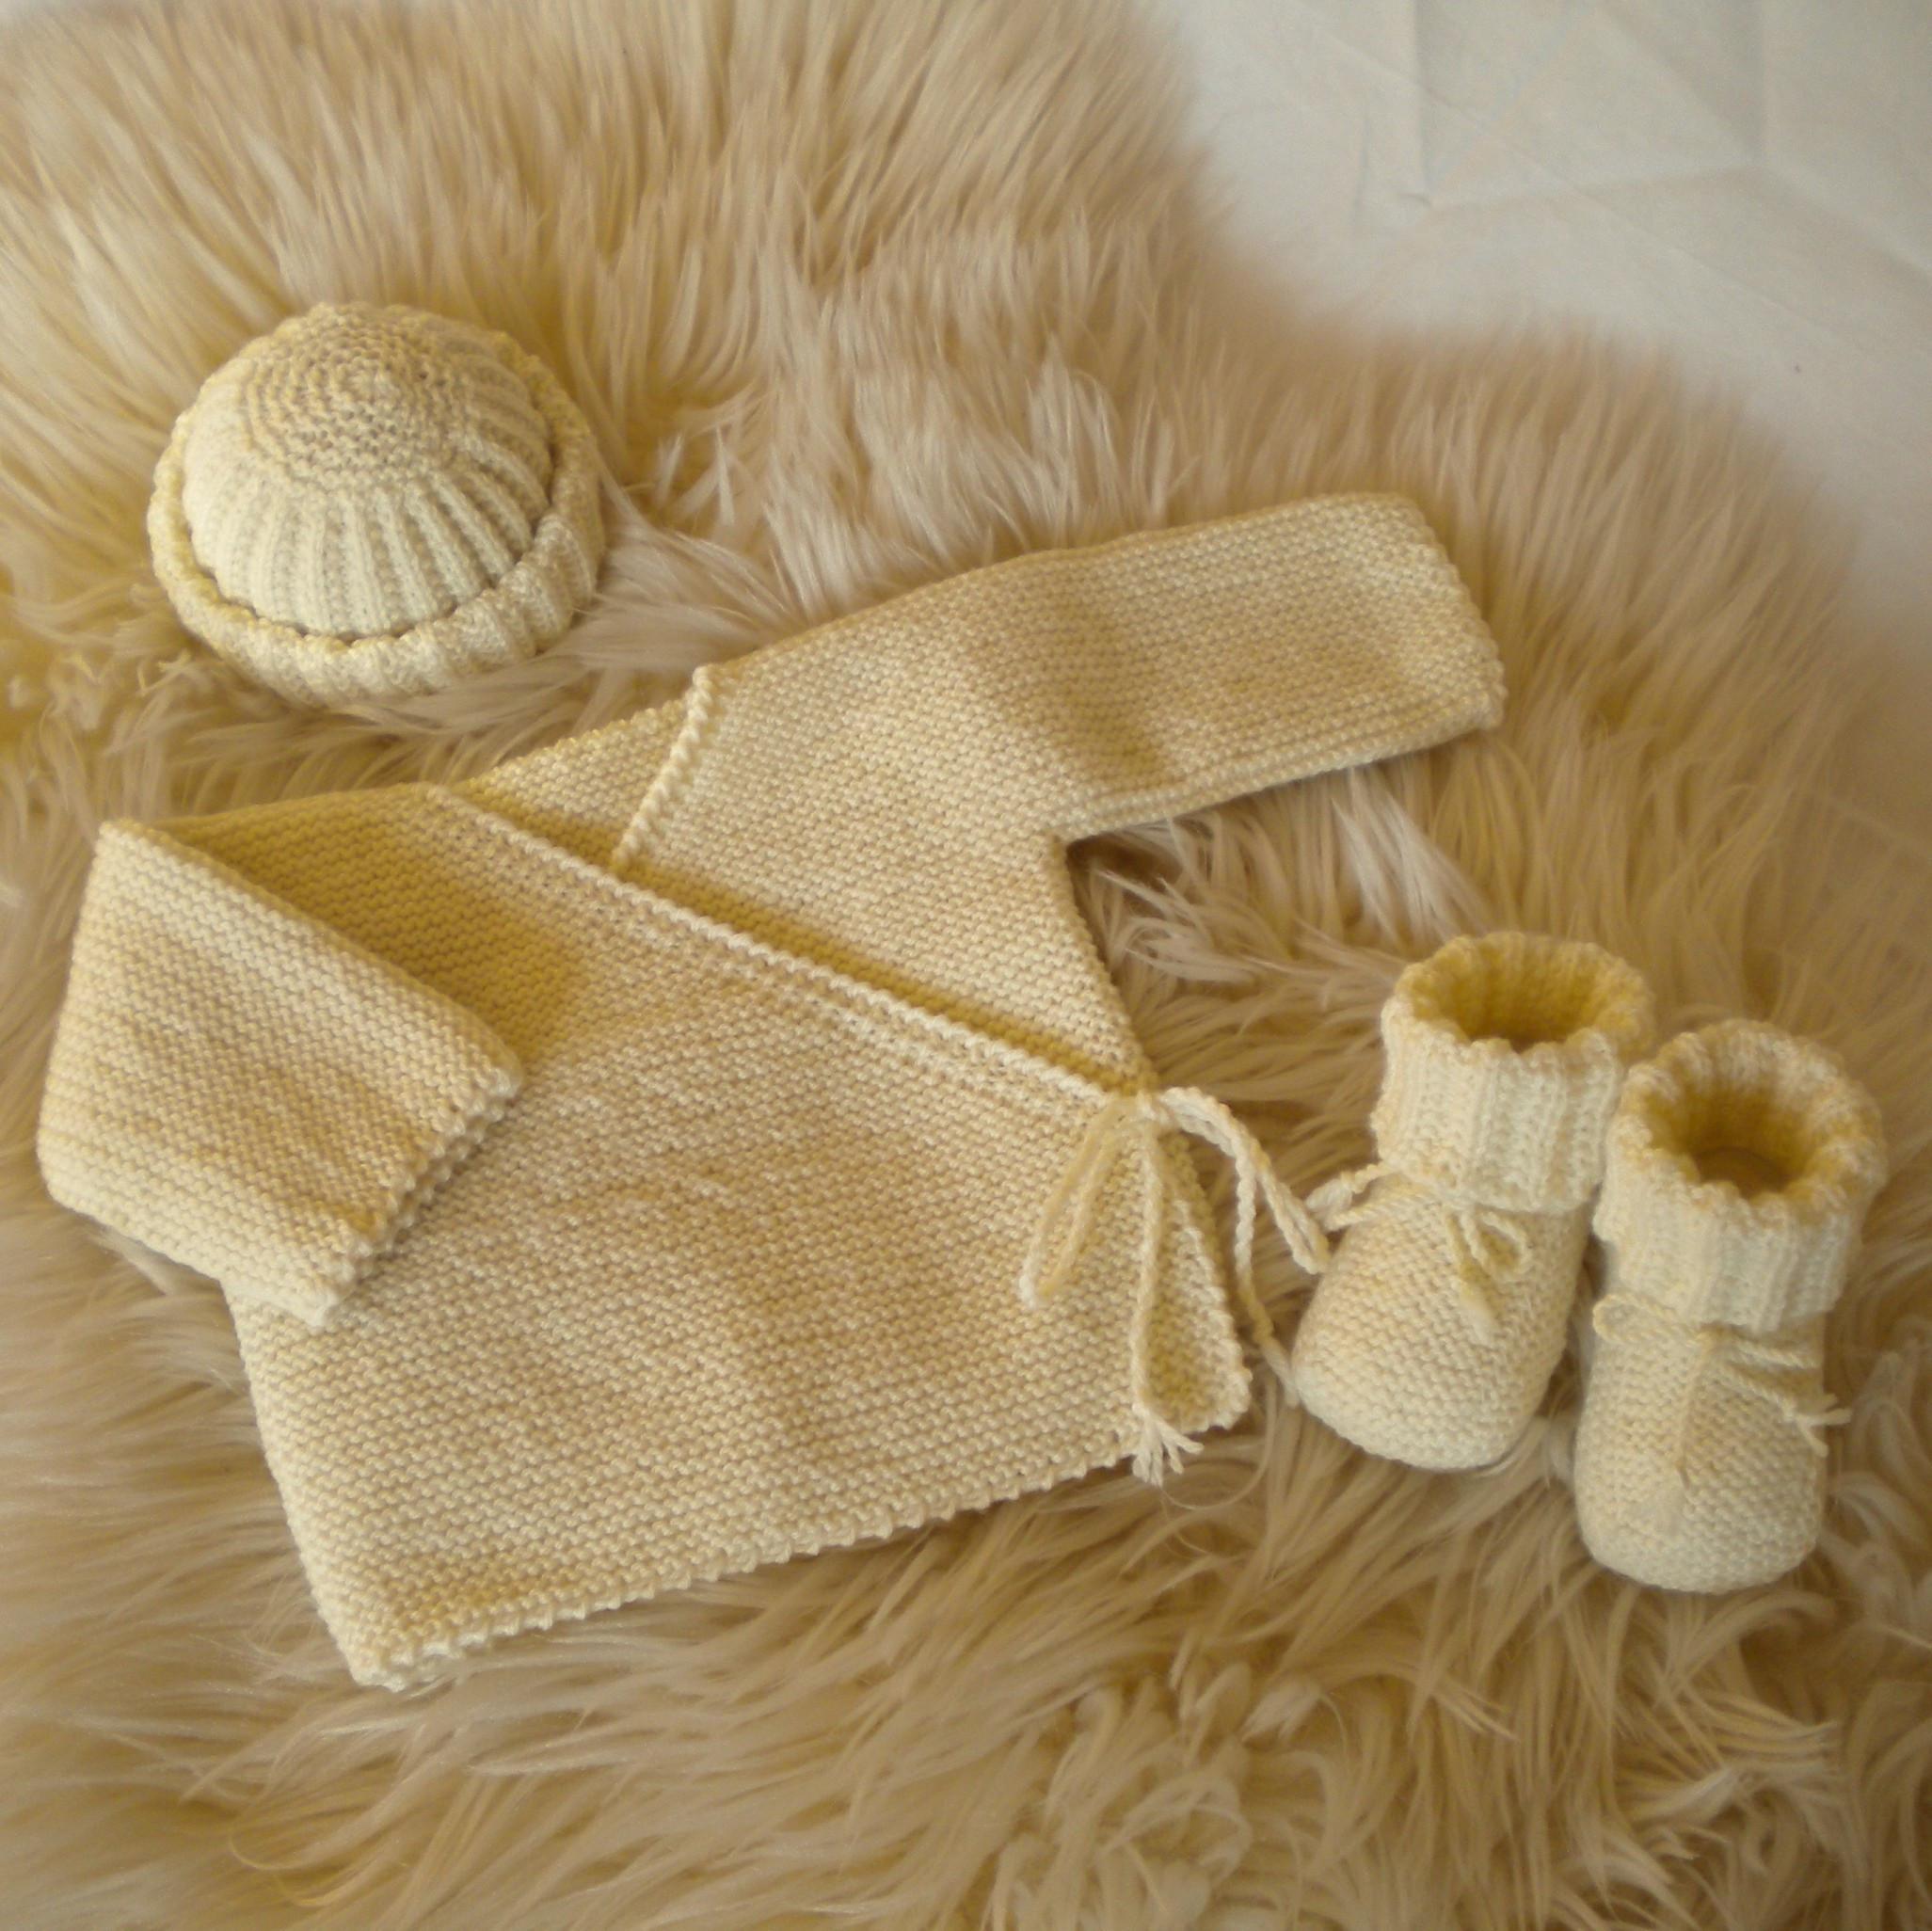 8bb8b6452b0 ensemble brassière uni écru tricoté main en 100% laine mérinos naturel